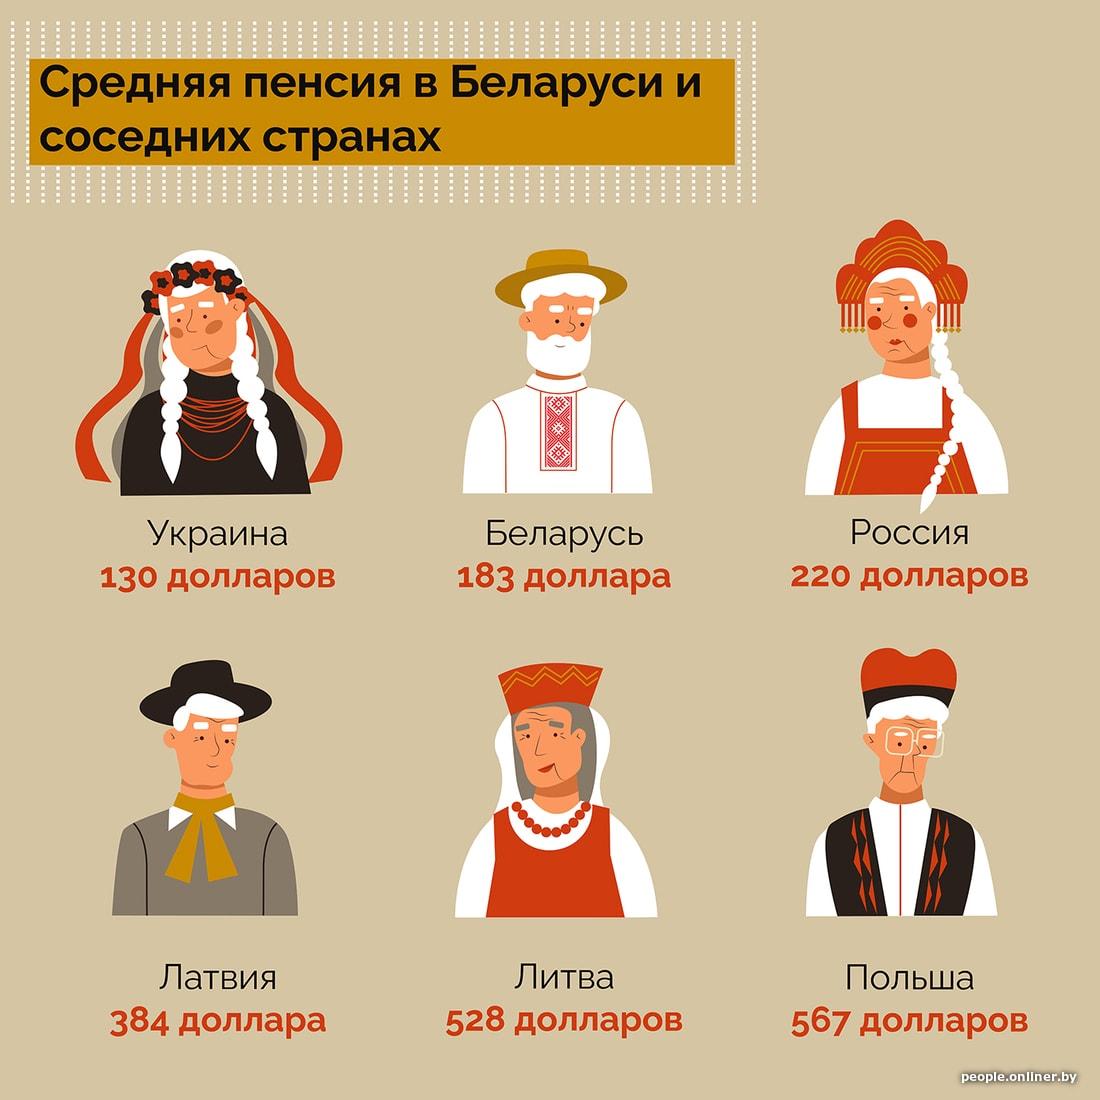 Как получить пенсию в белоруссии россиянину минимальная страховая пенсия в 2017г